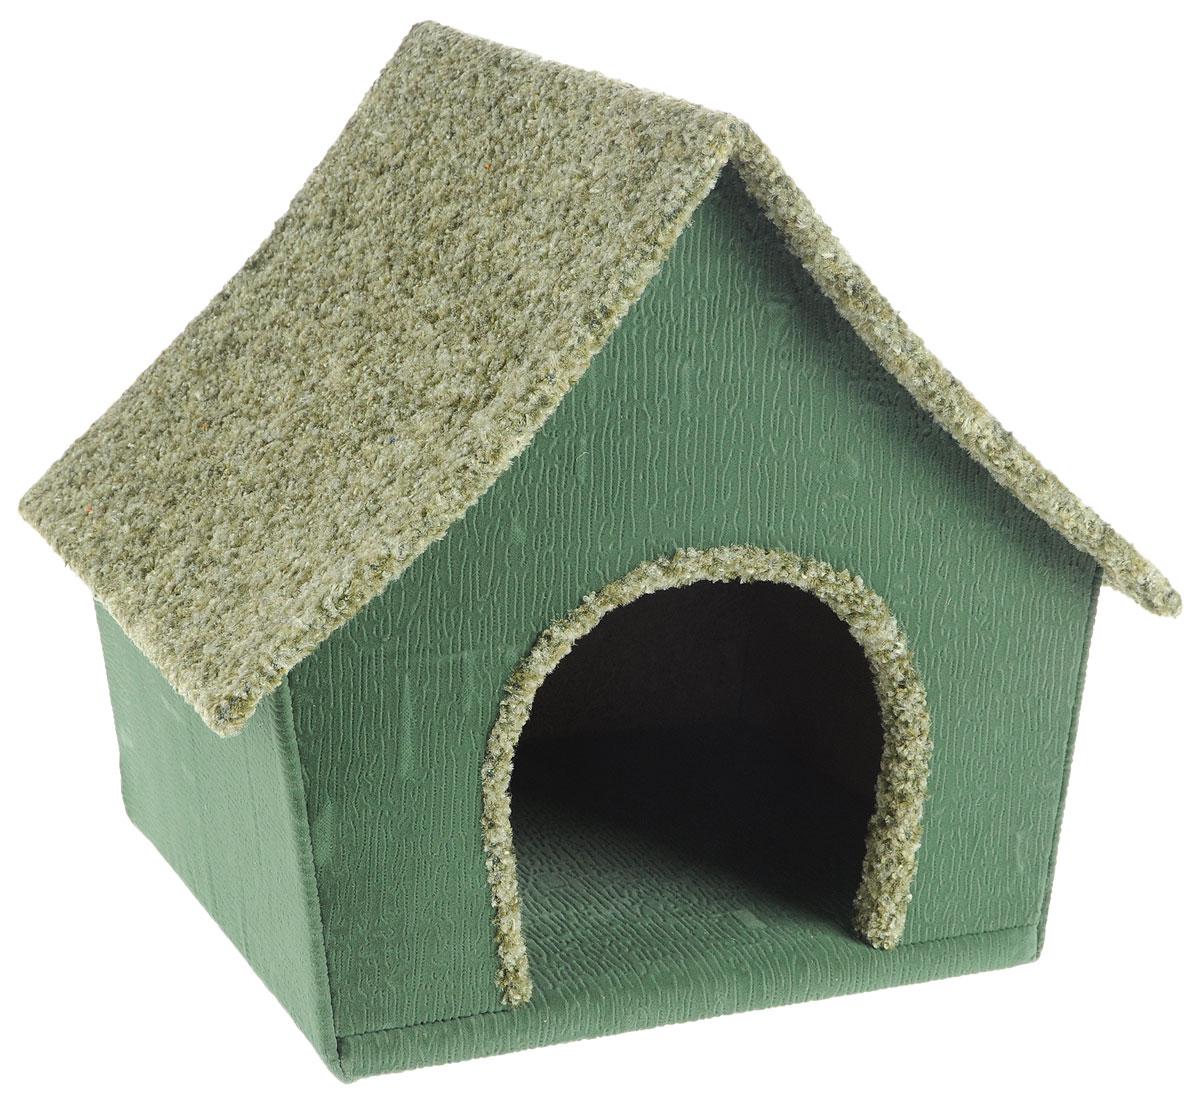 Домик для животных Неженка Китайский, цвет: зеленый, 42 х 36 х 38 см0120710Большой, уютный домик Китайский, выполненный из ДСП, обитый тканью, отлично подойдет для вашего любимца. Такой домик станет не только идеальным местом для сна вашего питомца, но и местом для отдыха. Для максимального комфорта наружные части обтянуты мягкой тканью. Изделие имеет большой вход.Удобный и мягкий, он станет не только отличным домиком для вашего любимца, но еще и оригинальным украшением интерьера.